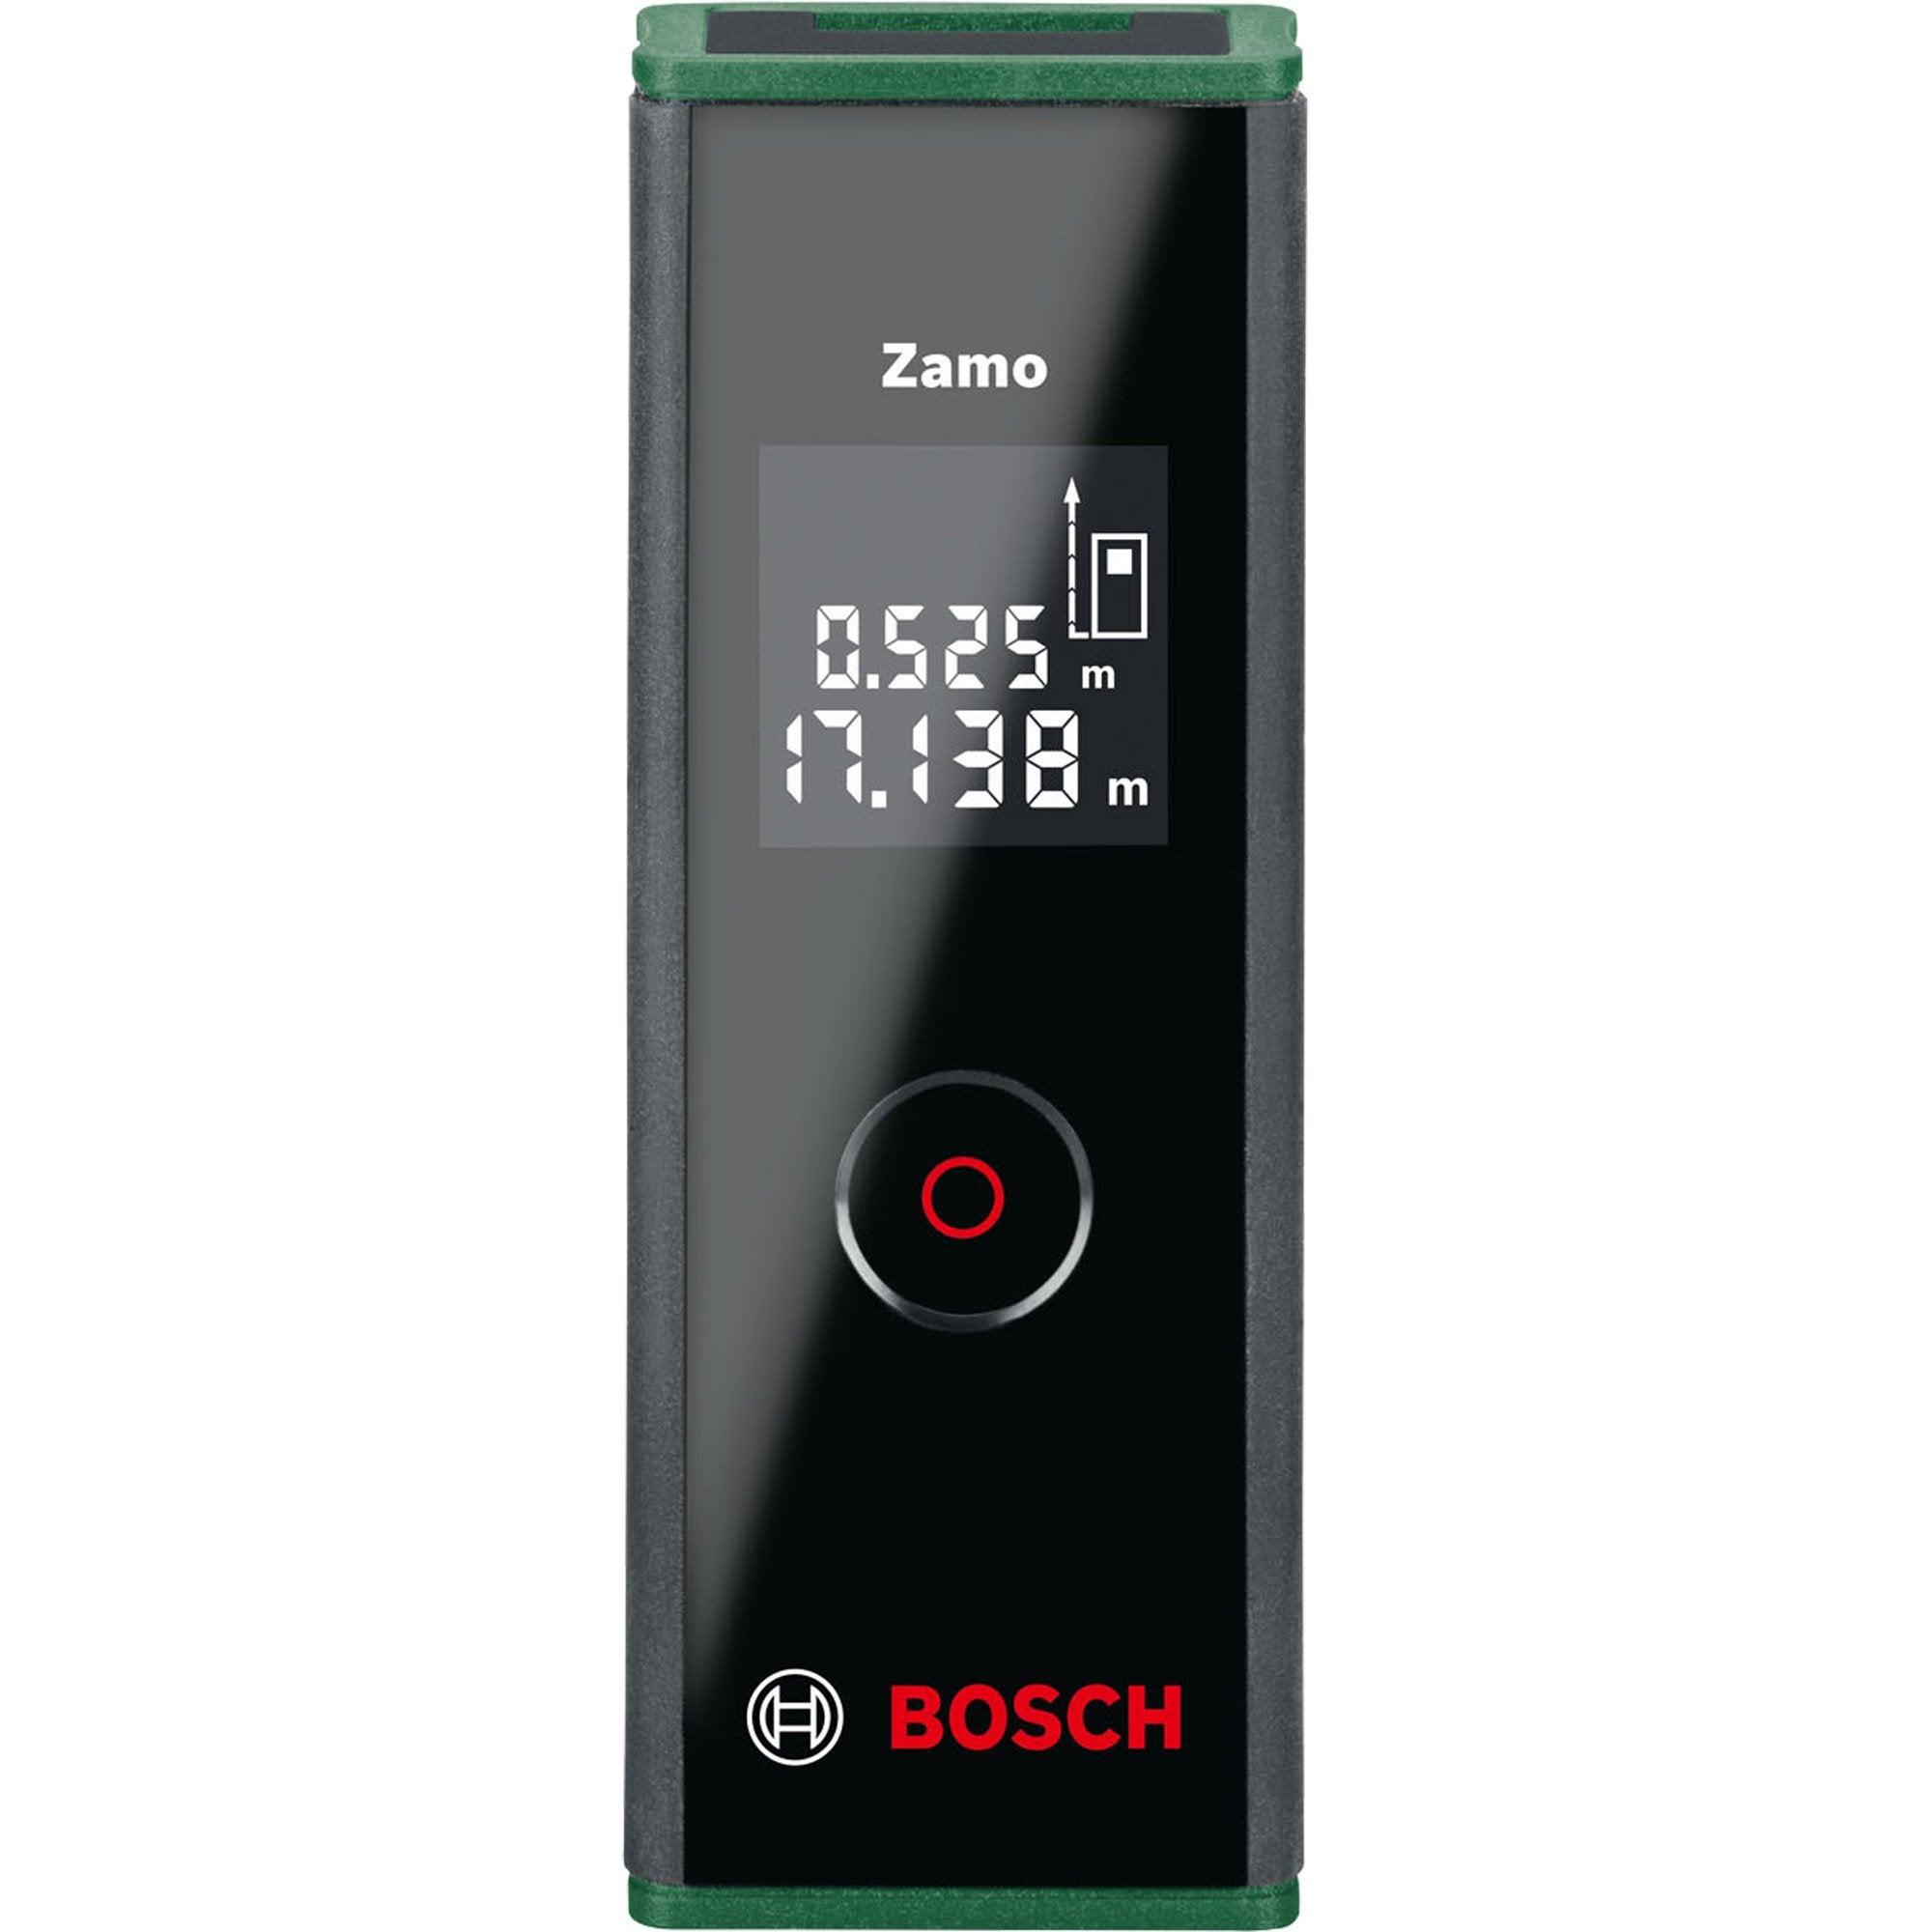 Telemetre Laser Bosch Zamo 20 0 M Leroy Merlin